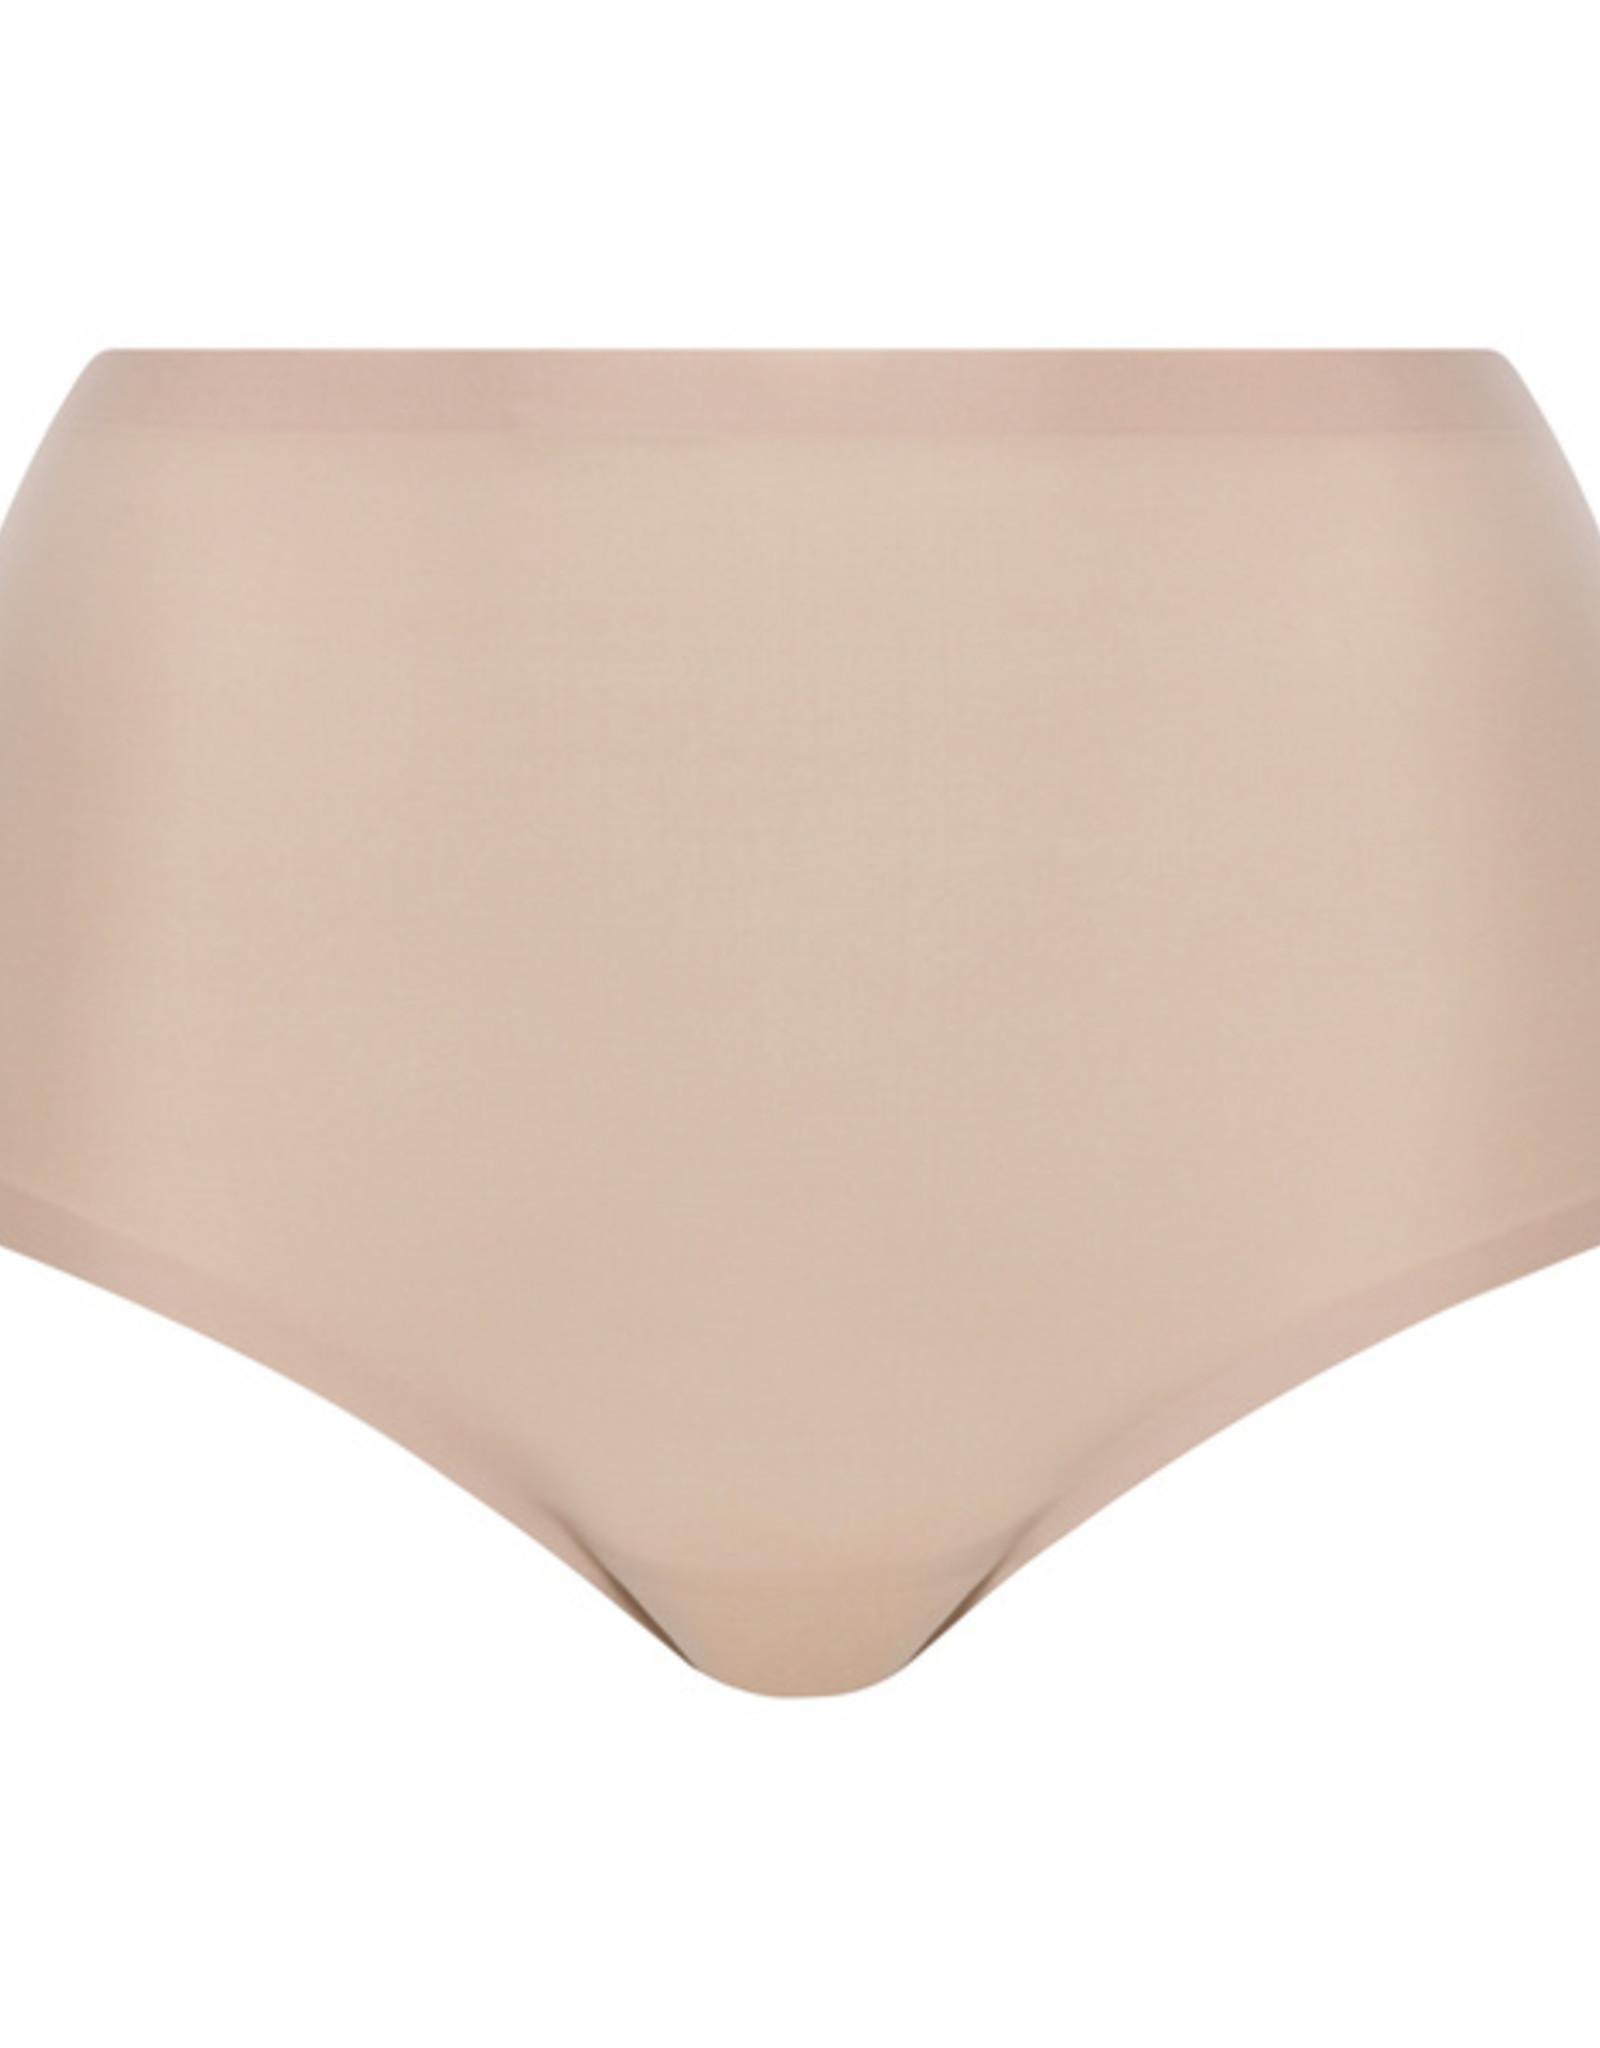 Chantelle Soft Stretch High Waist Briefs XL-4XL